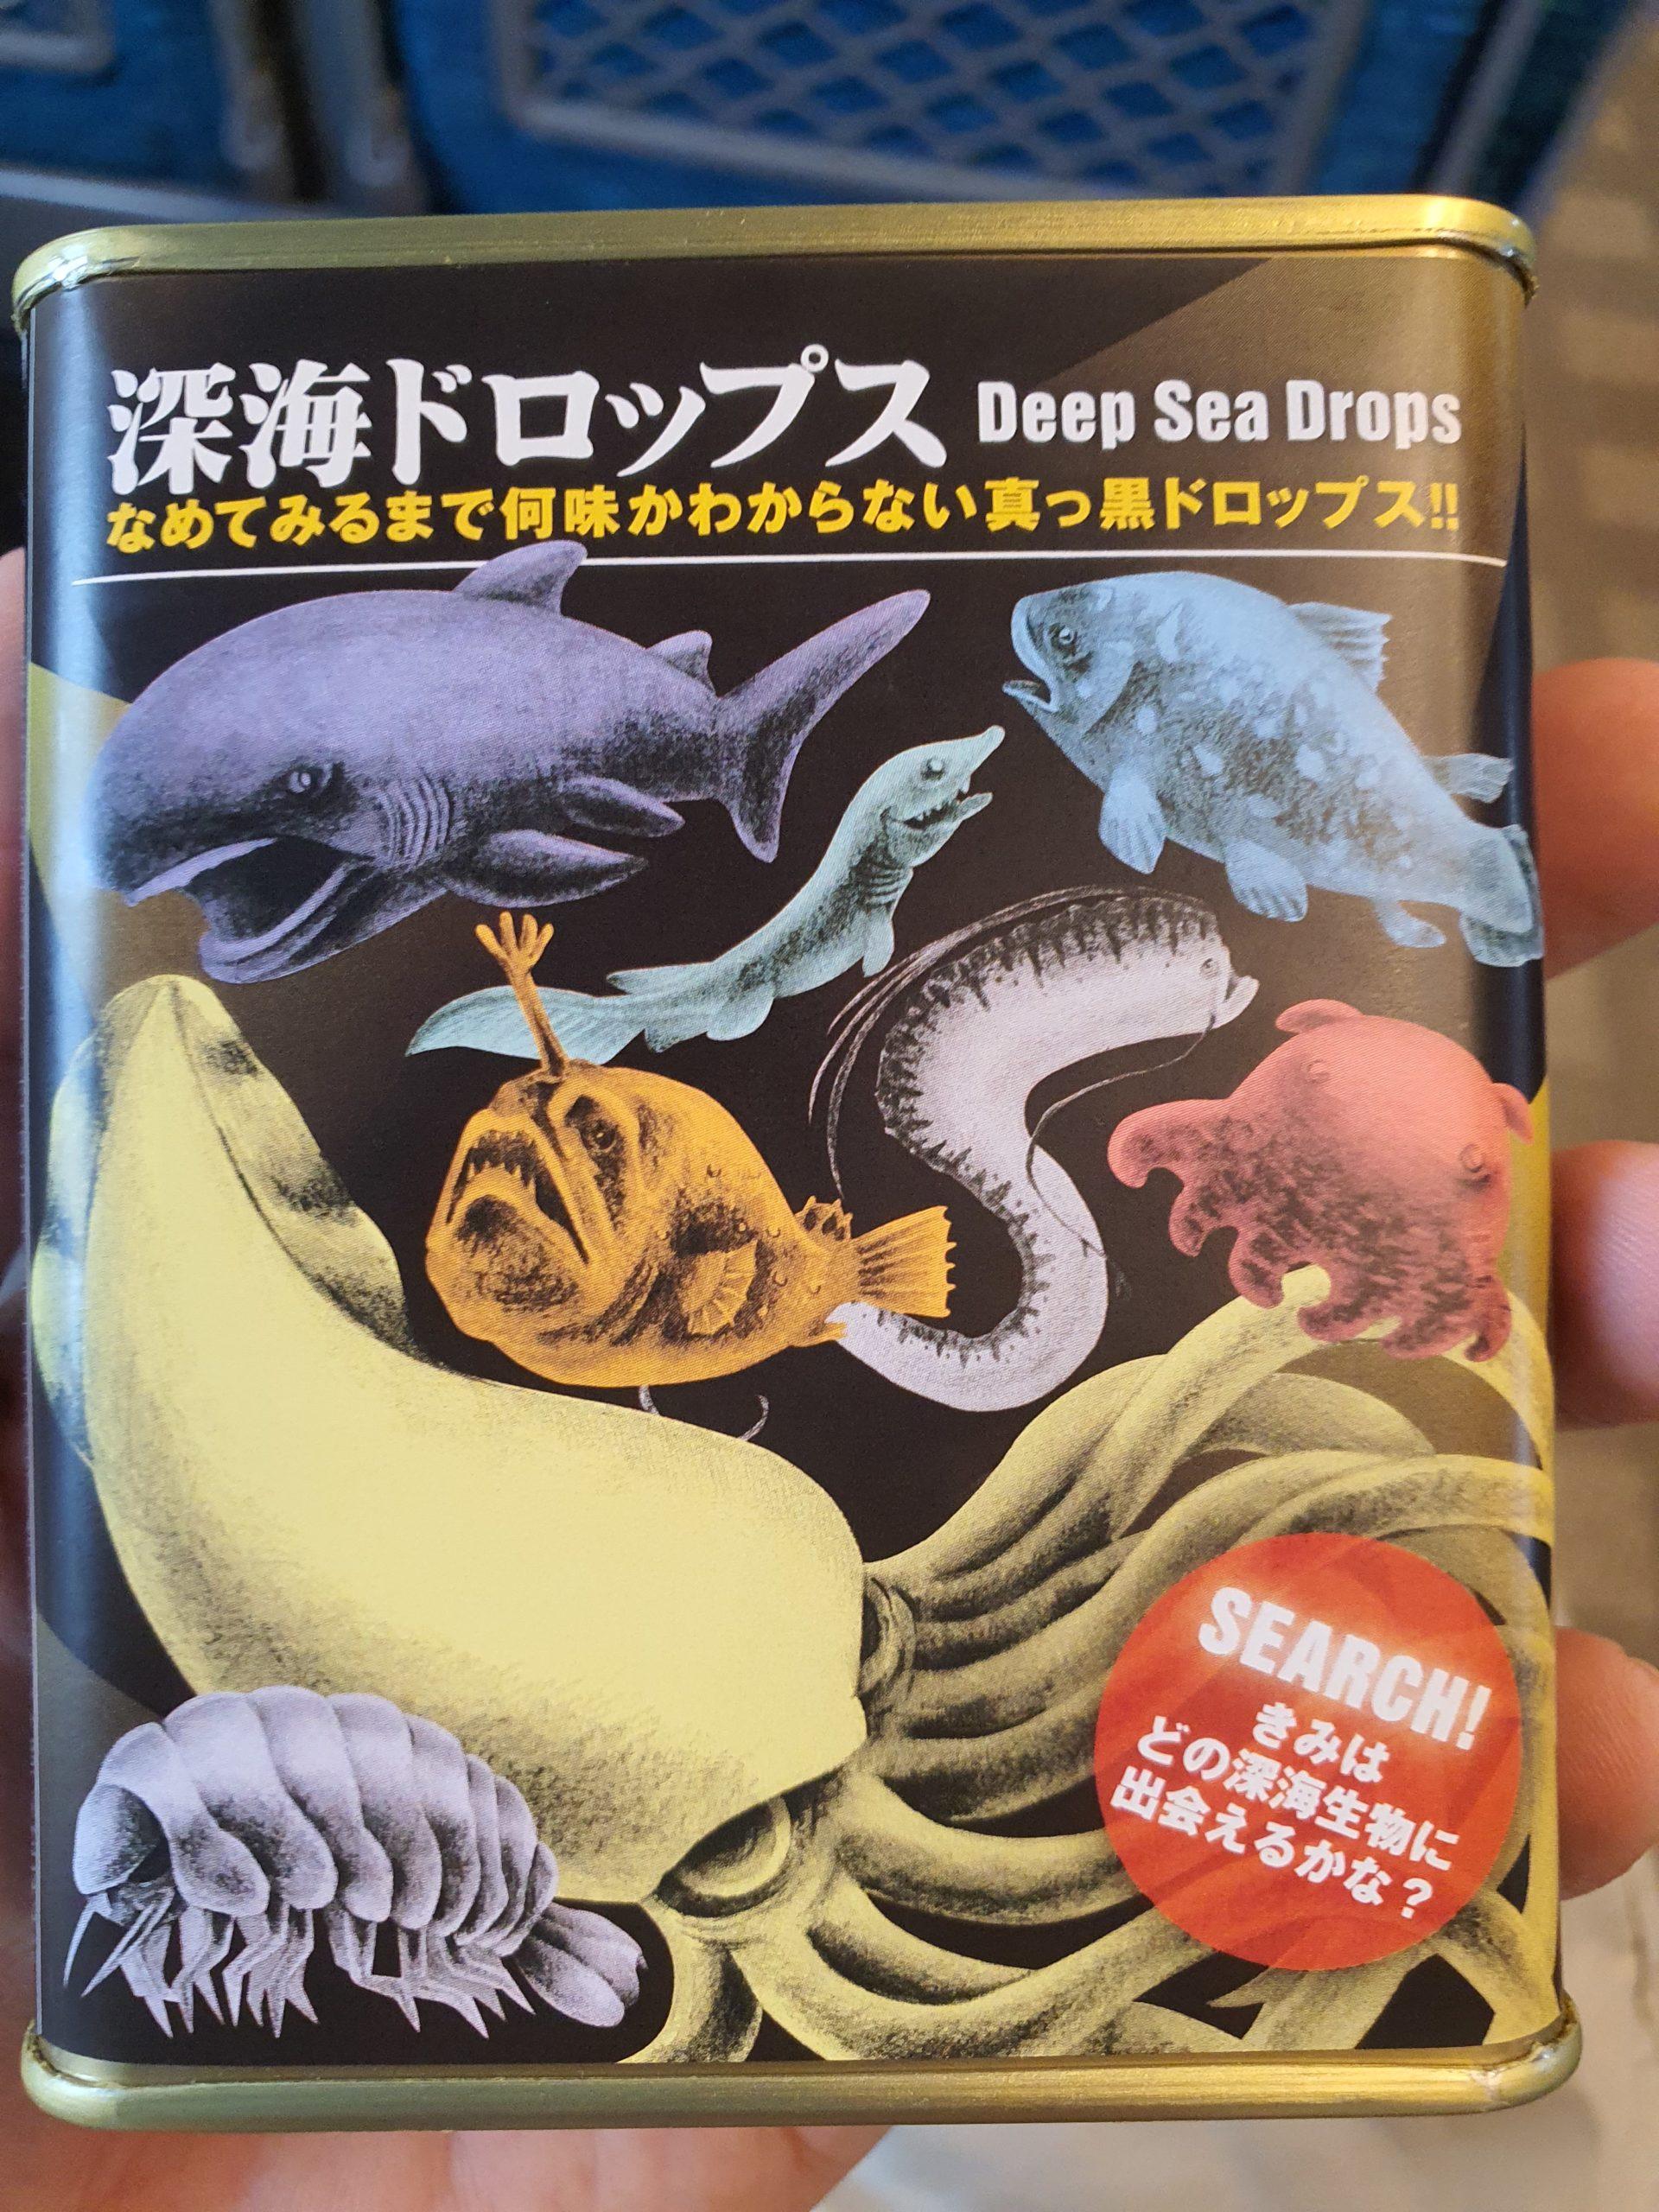 なめてみるまで何味かわからない「深海ドロップス」と駅弁で食べられる深海魚「アブラボウズ伝説」